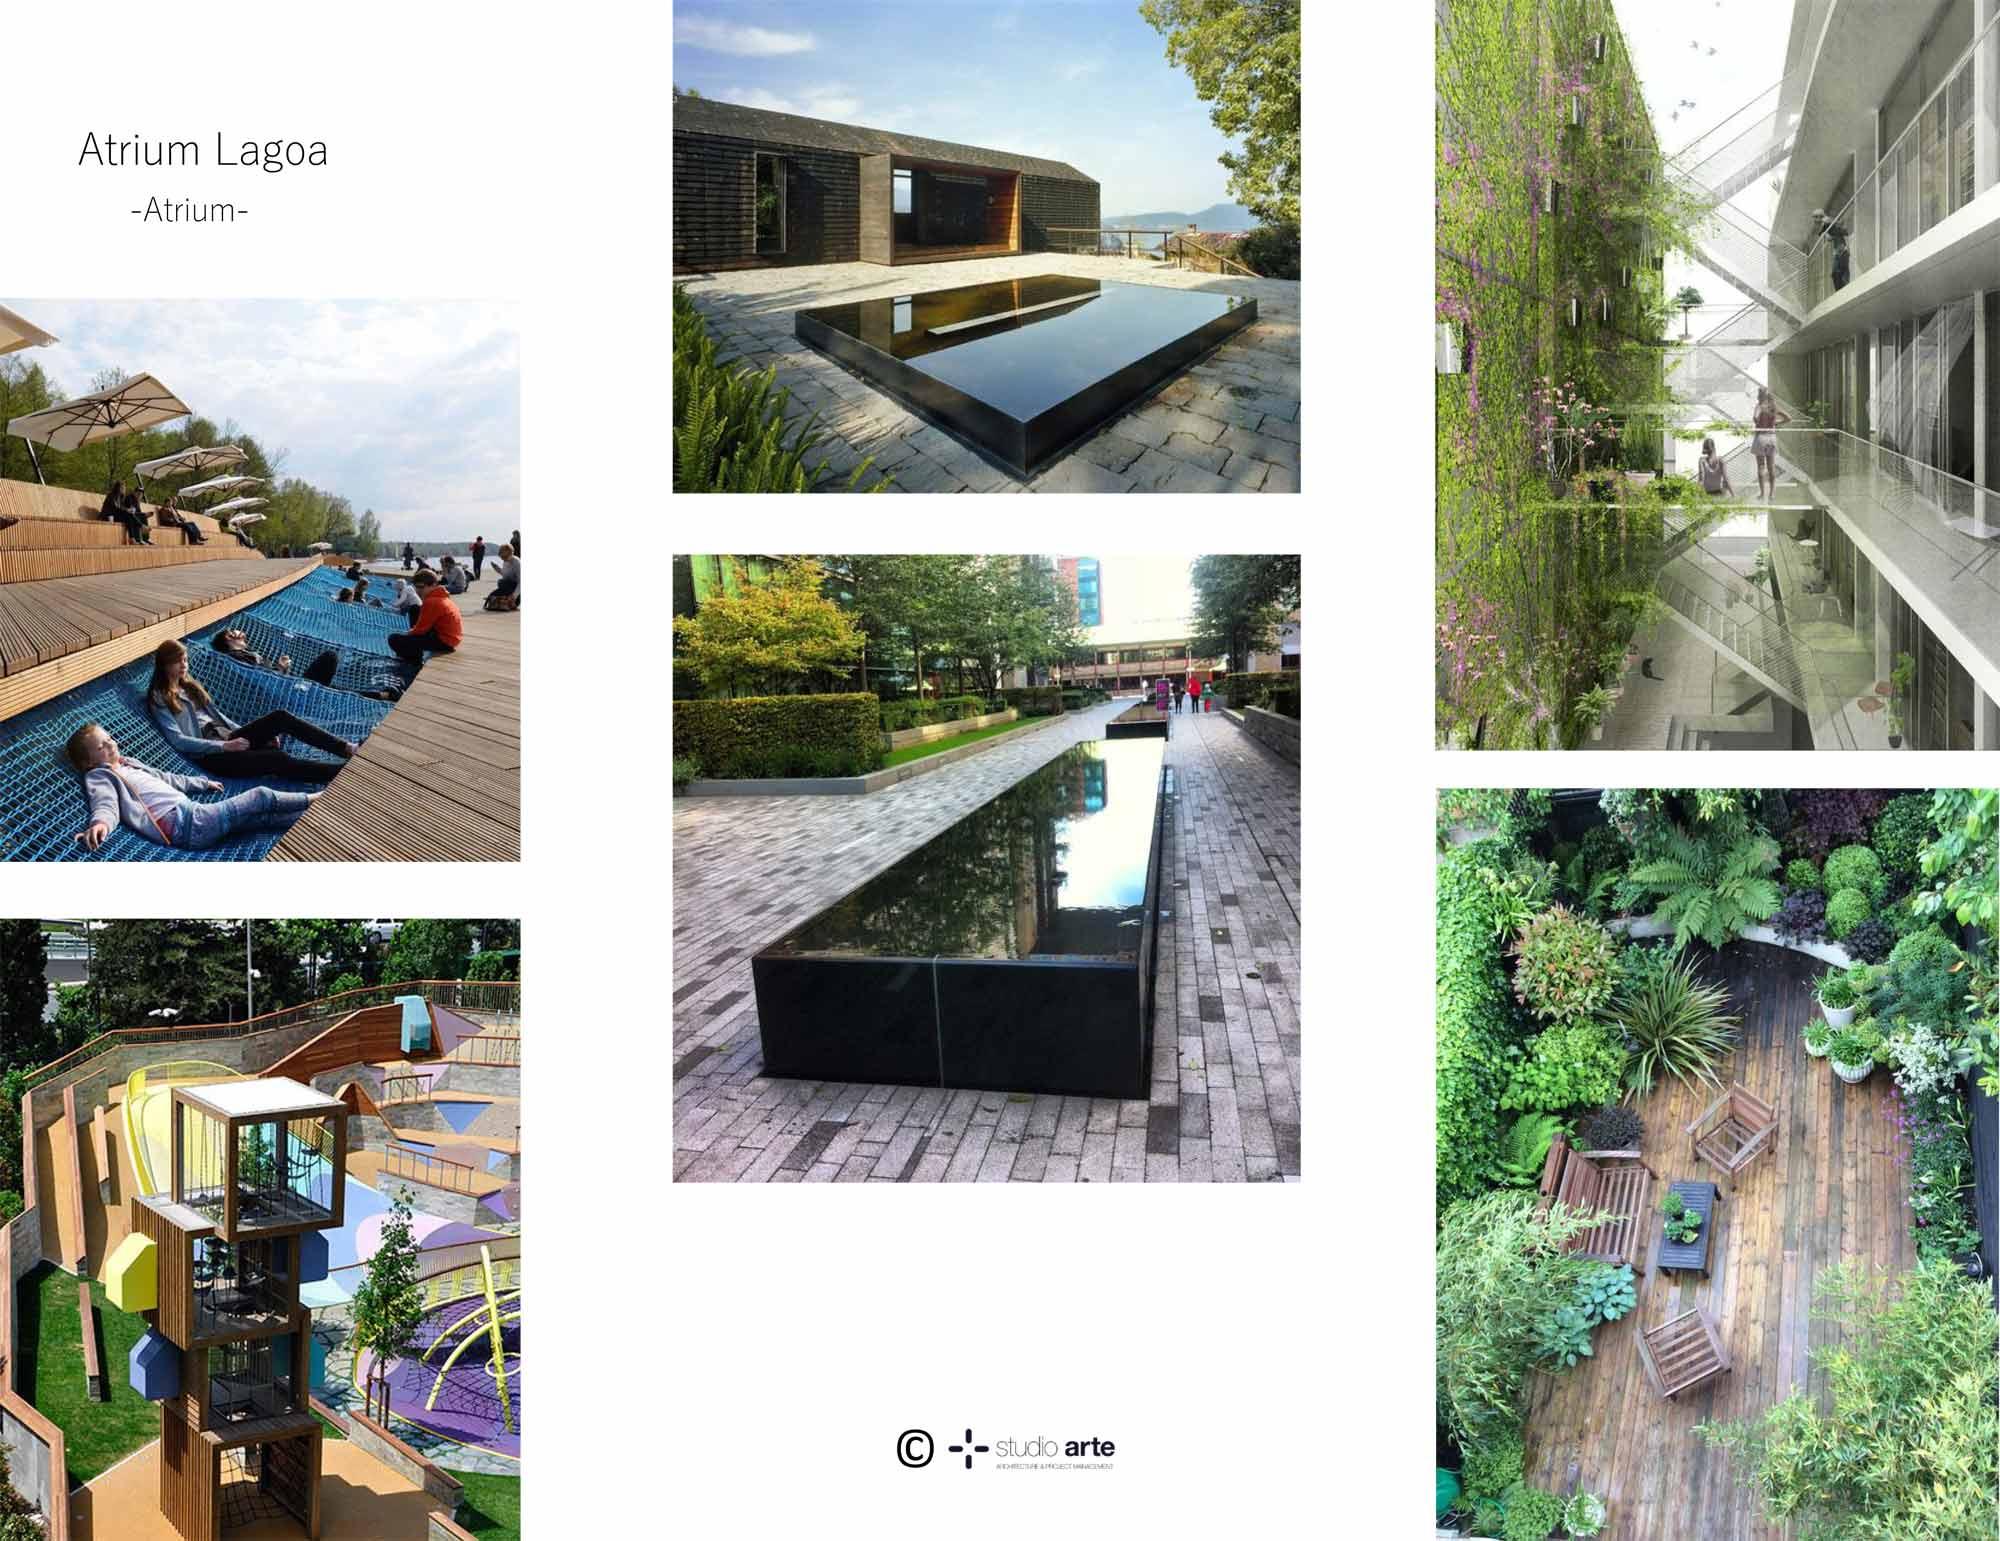 atrium lagoa gallery image